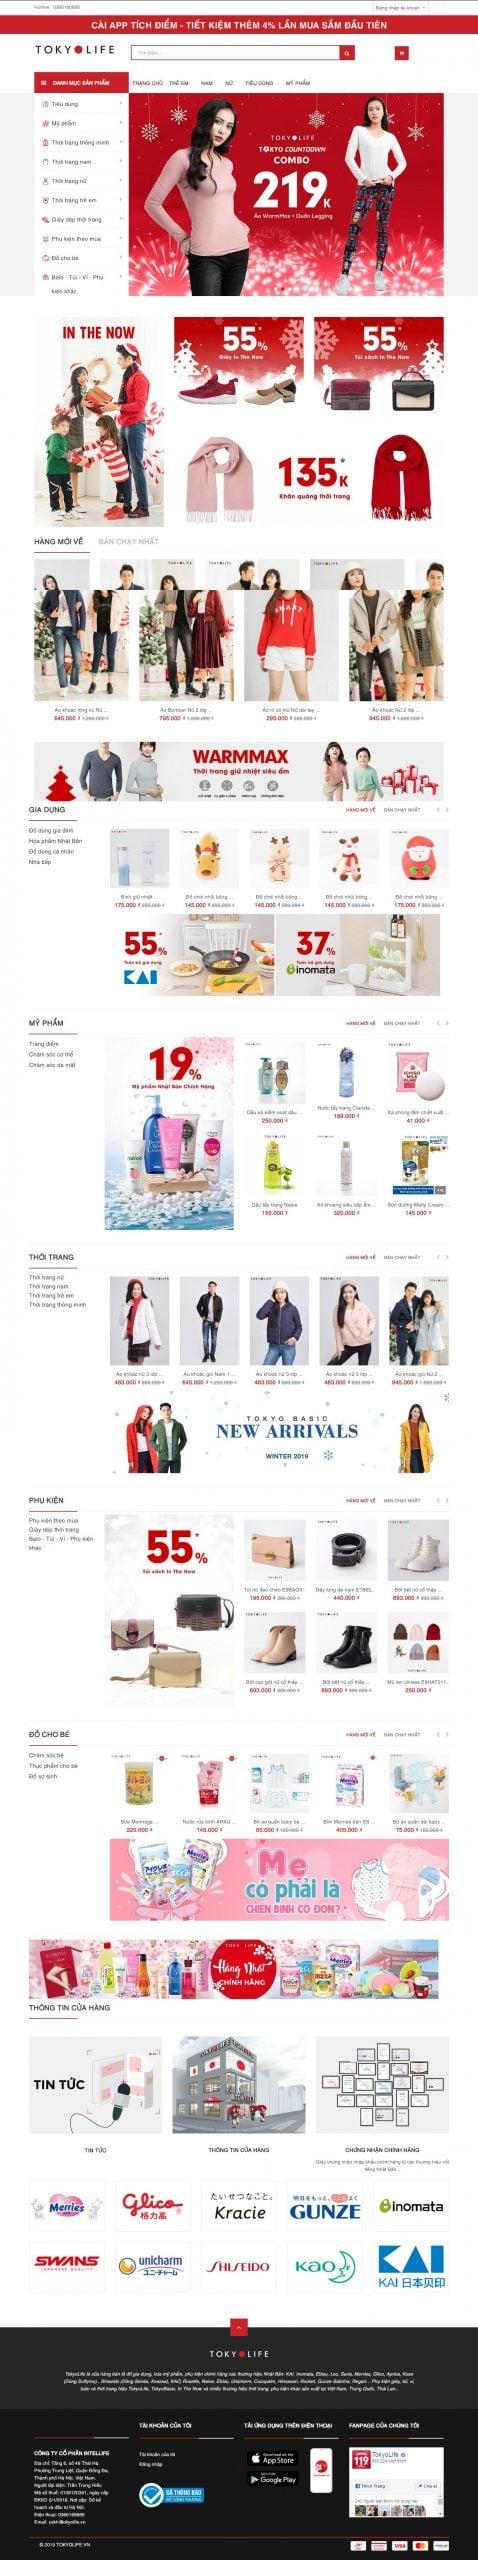 Mẫu thiết kế website TokyoLife_ Hàng tiêu dùng Nhật Bản – Thời trang thông minh – tokyolife.vn